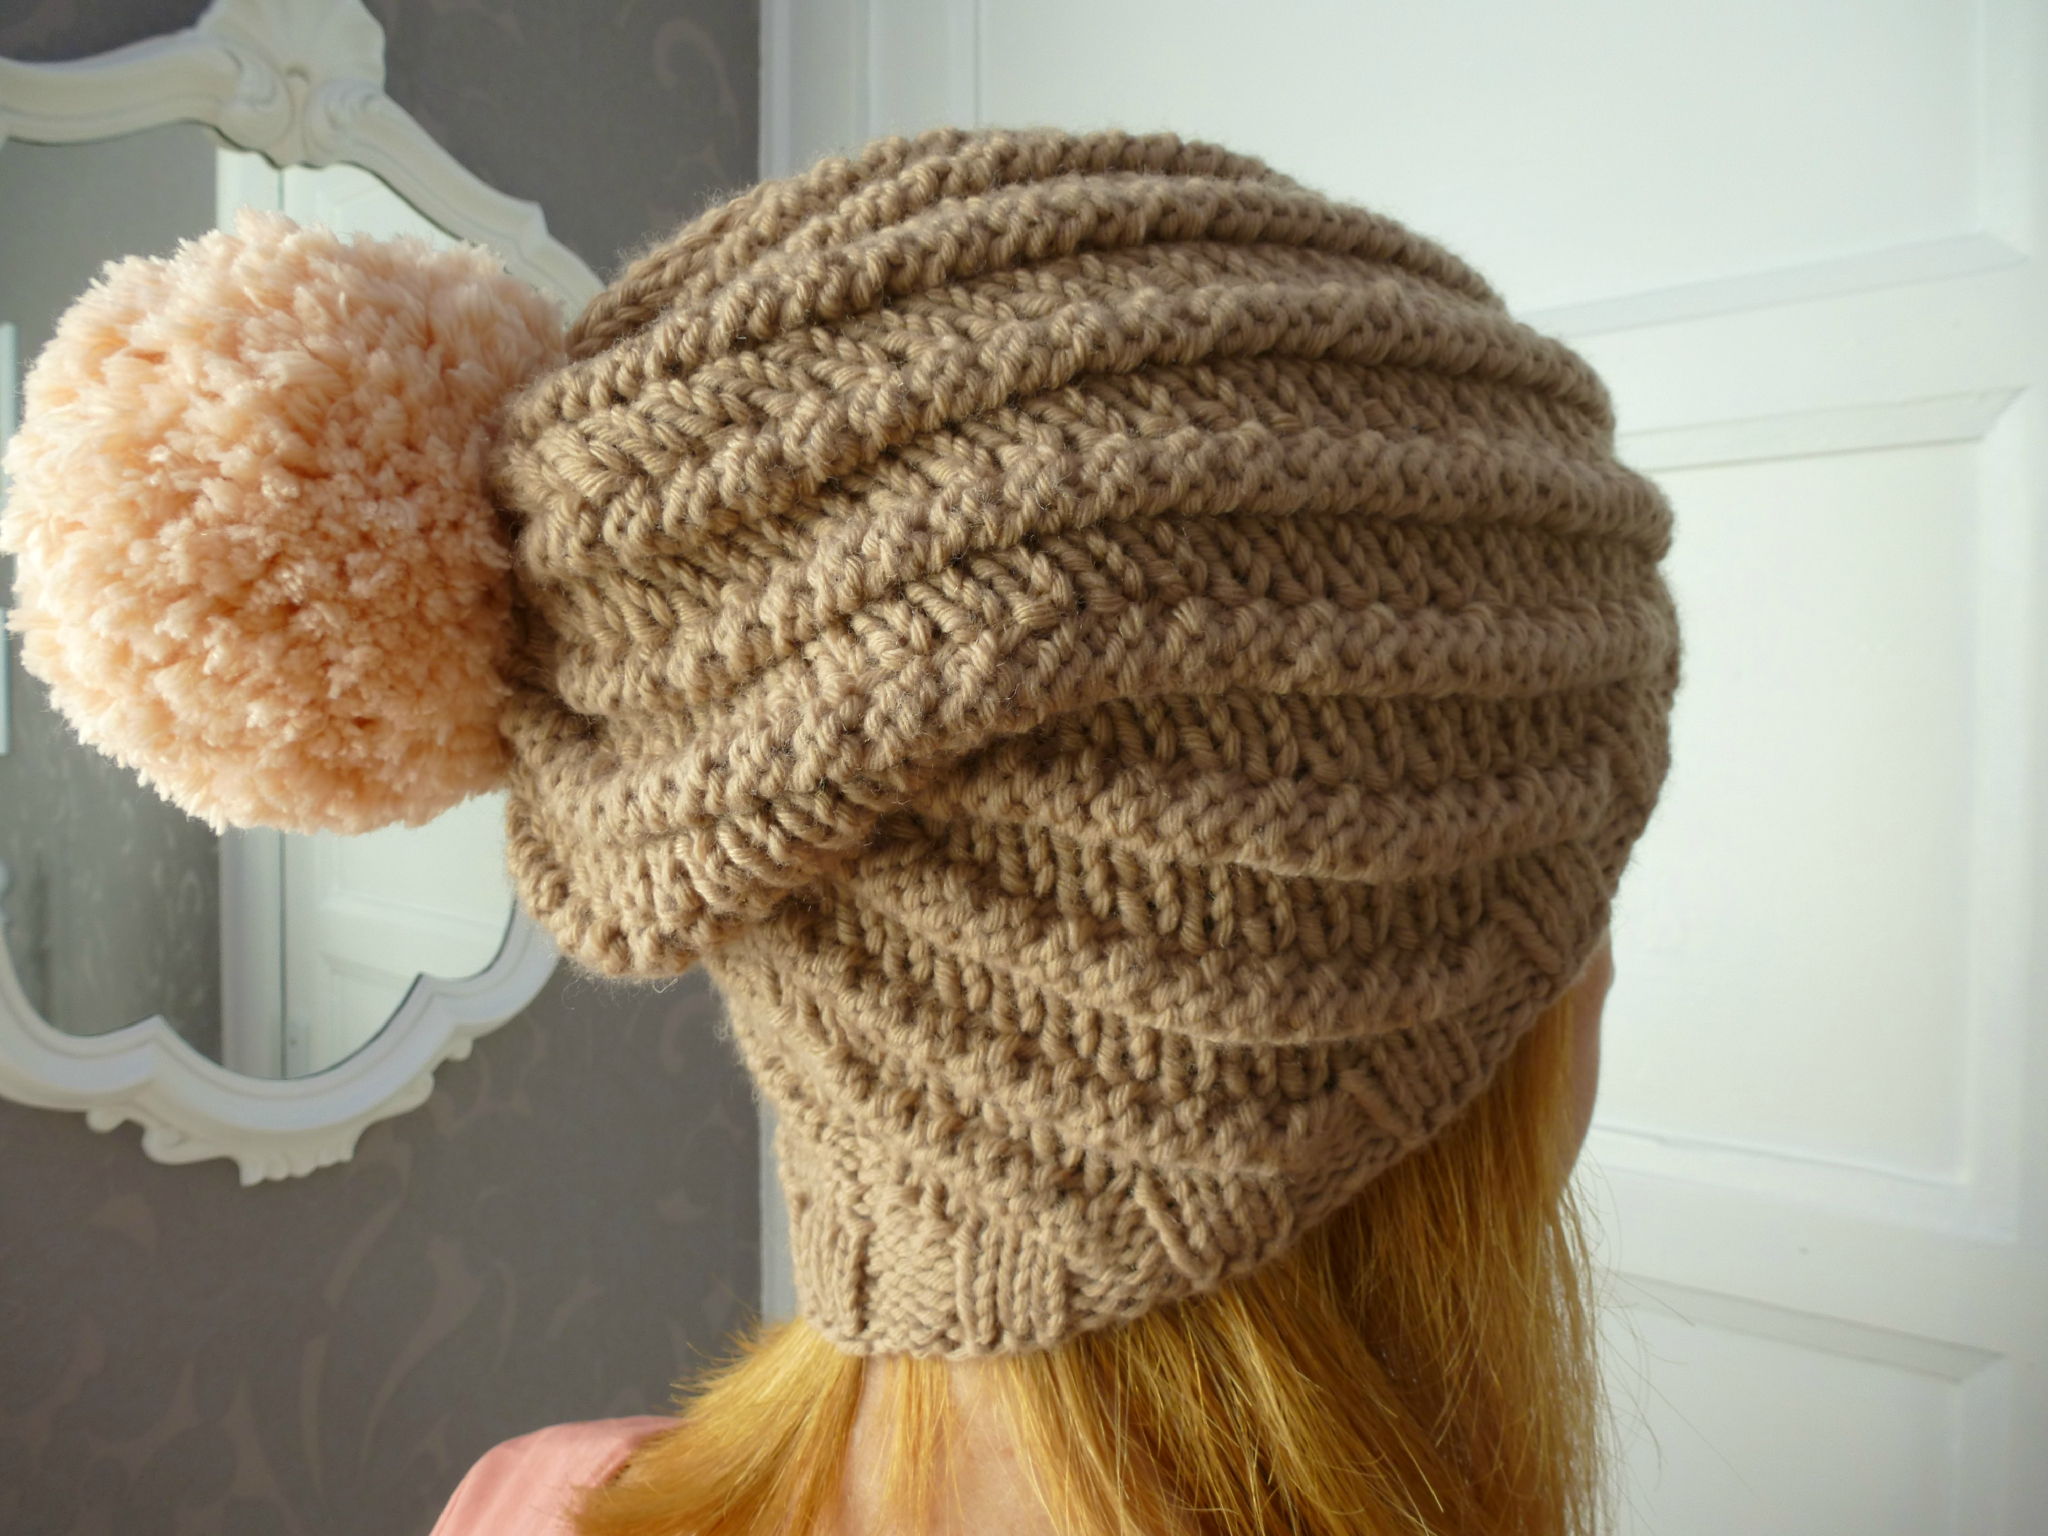 Comment tricoter un bonnet avec pompon - Comment tricoter avec des aiguilles circulaires ...